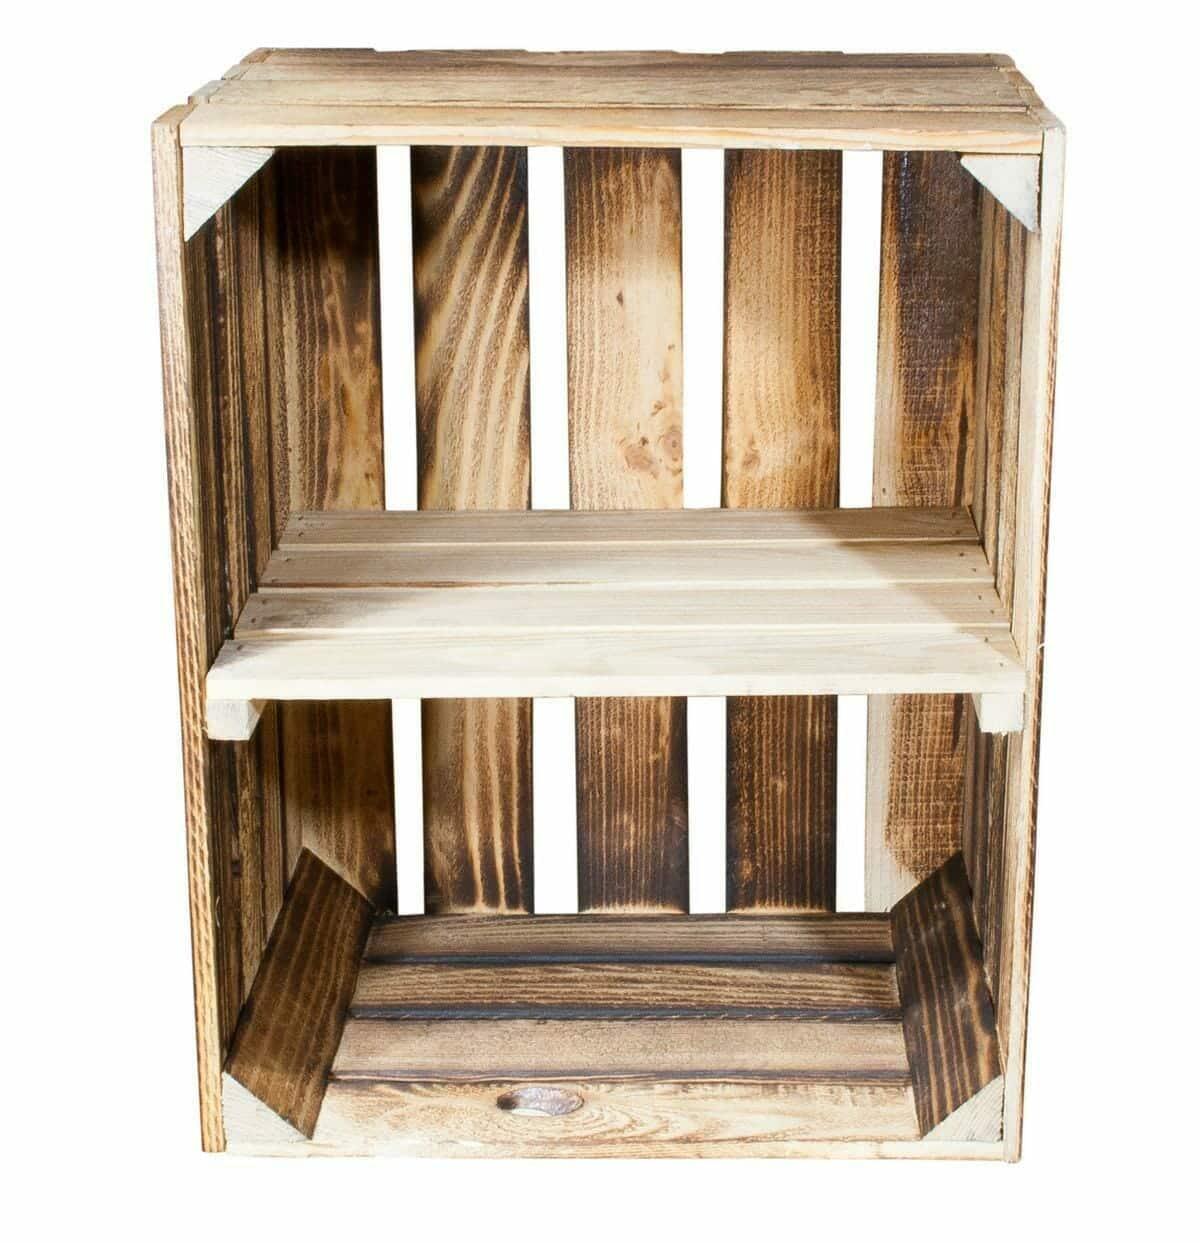 geflammte holzkiste mit einem mittelbrett in natur quer 50x40x30. Black Bedroom Furniture Sets. Home Design Ideas